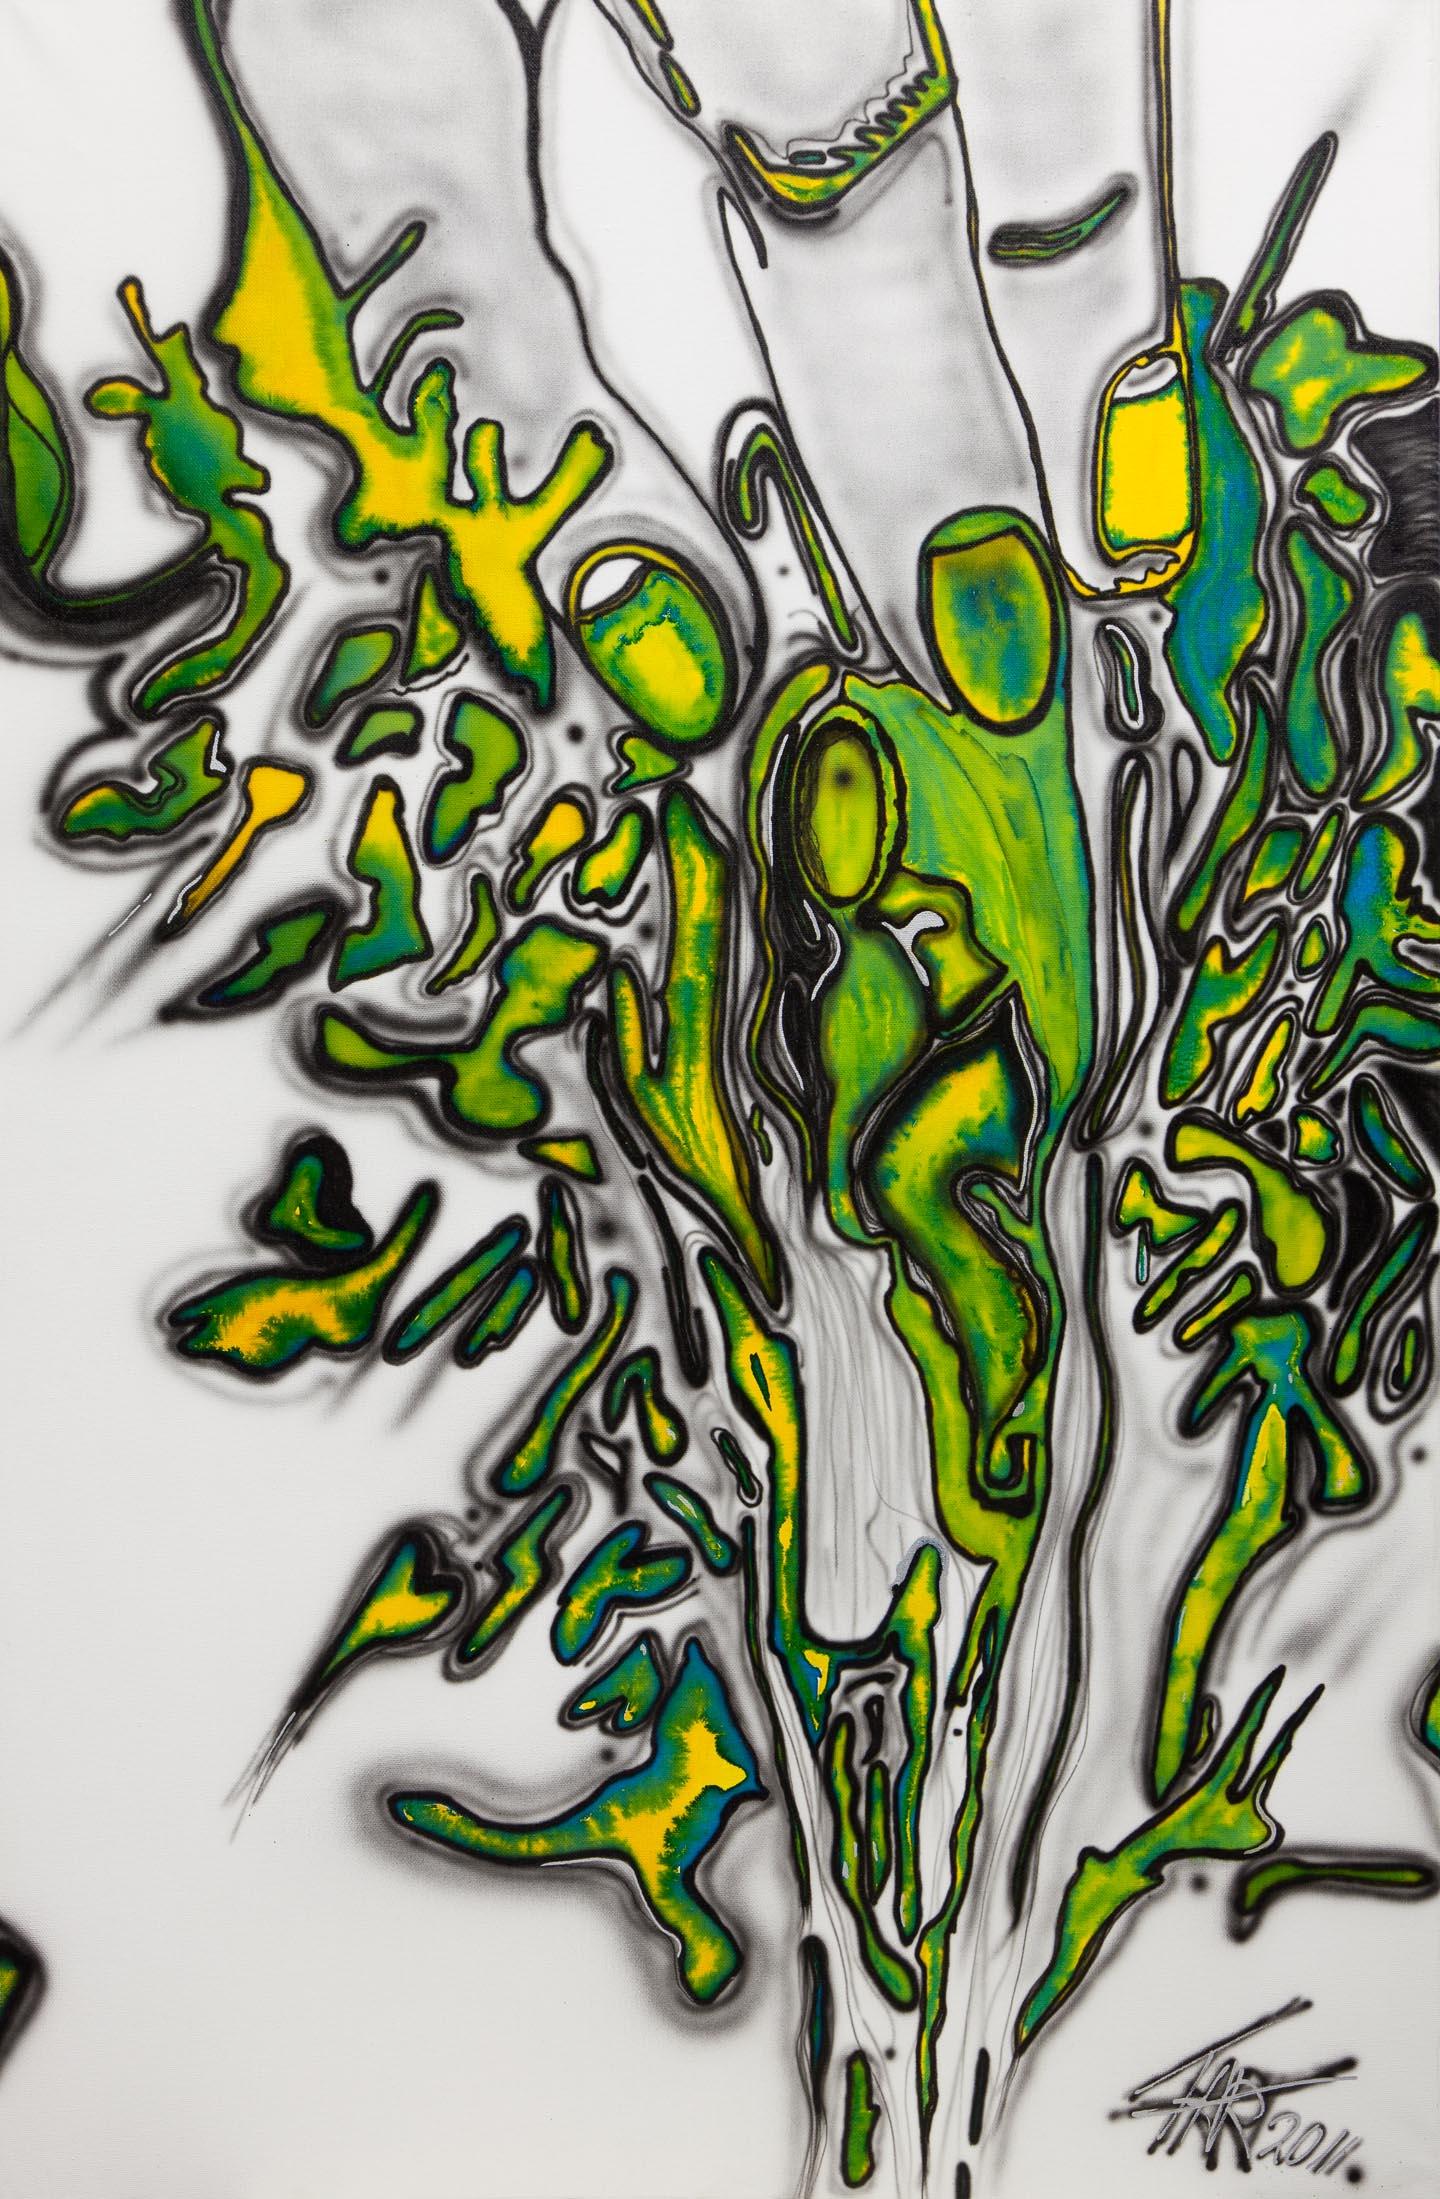 Reproductie van schilderij met veel groen van Ernst Jan ter Hoeven